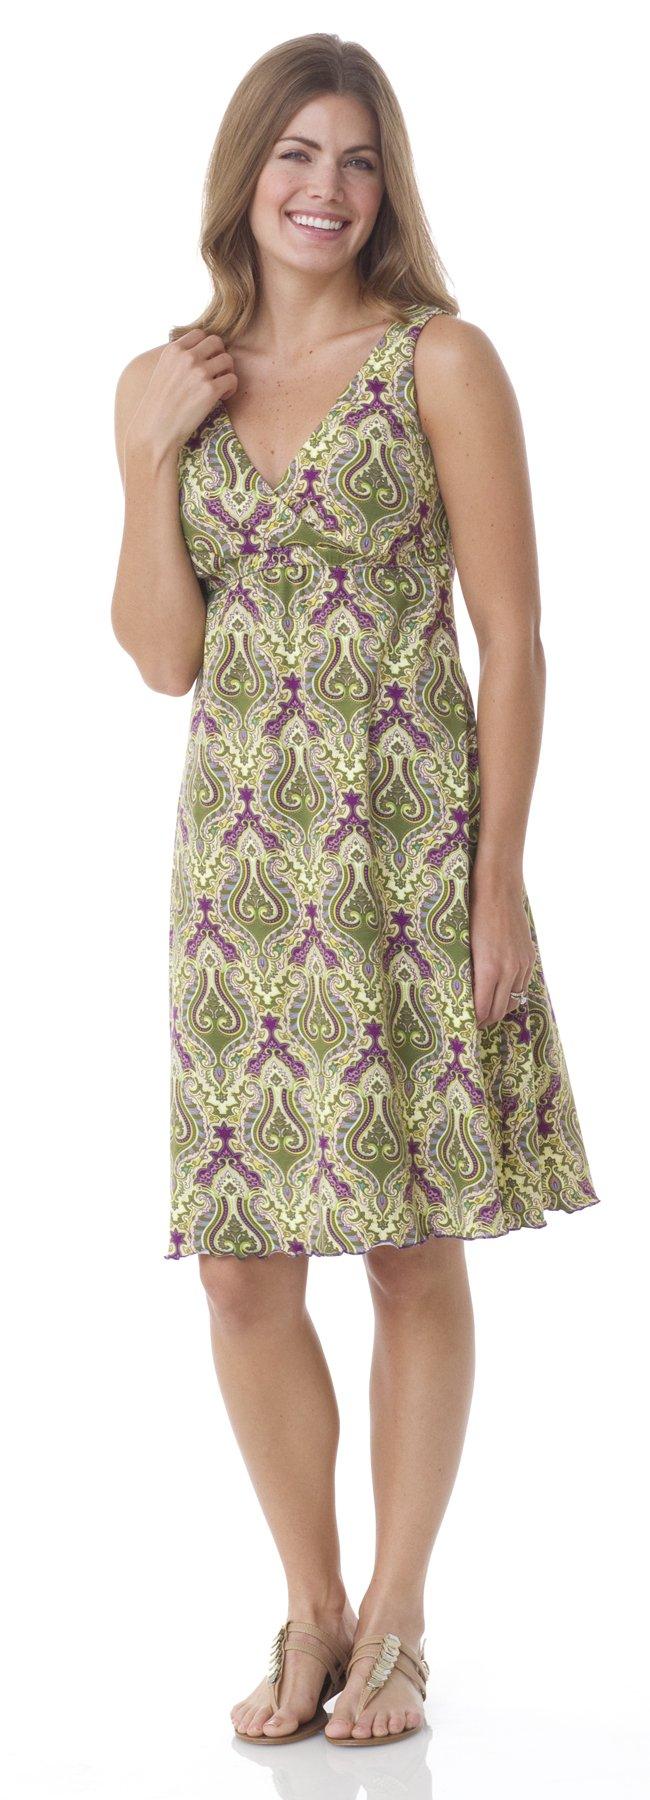 Majamas sleepy dress in color Caposele. 88% Coton/ 12% Lycra (M) by Majamas